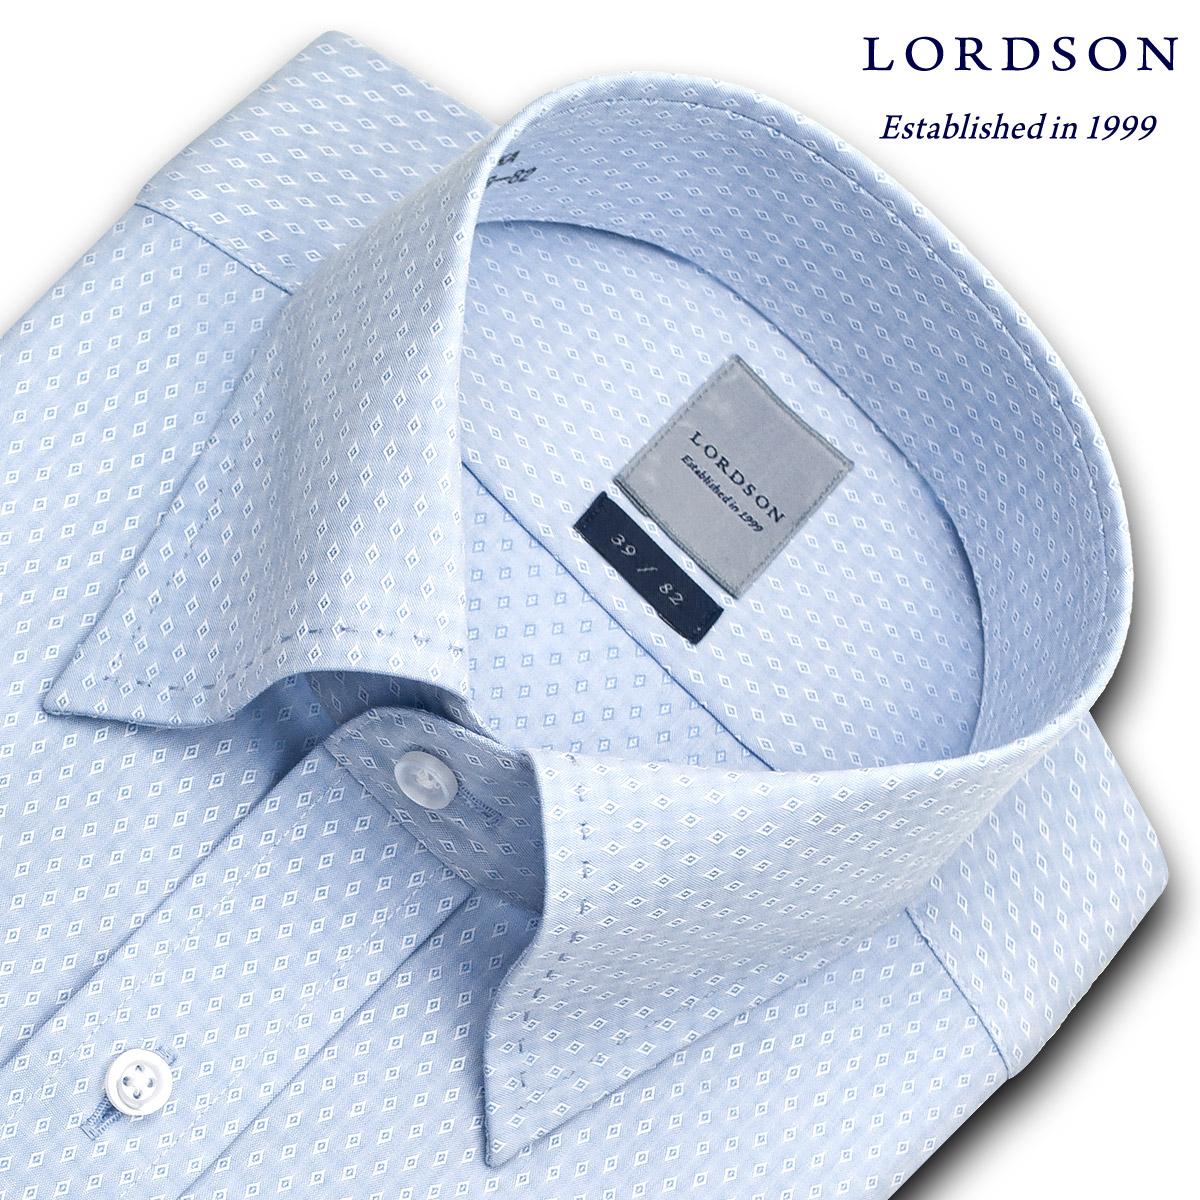 LORDSON 長袖 ワイシャツ メンズ 春夏秋冬 形態安定加工 ブルー幾何ドビー スナップダウンシャツ|綿:100% ブルー(zod398-250)